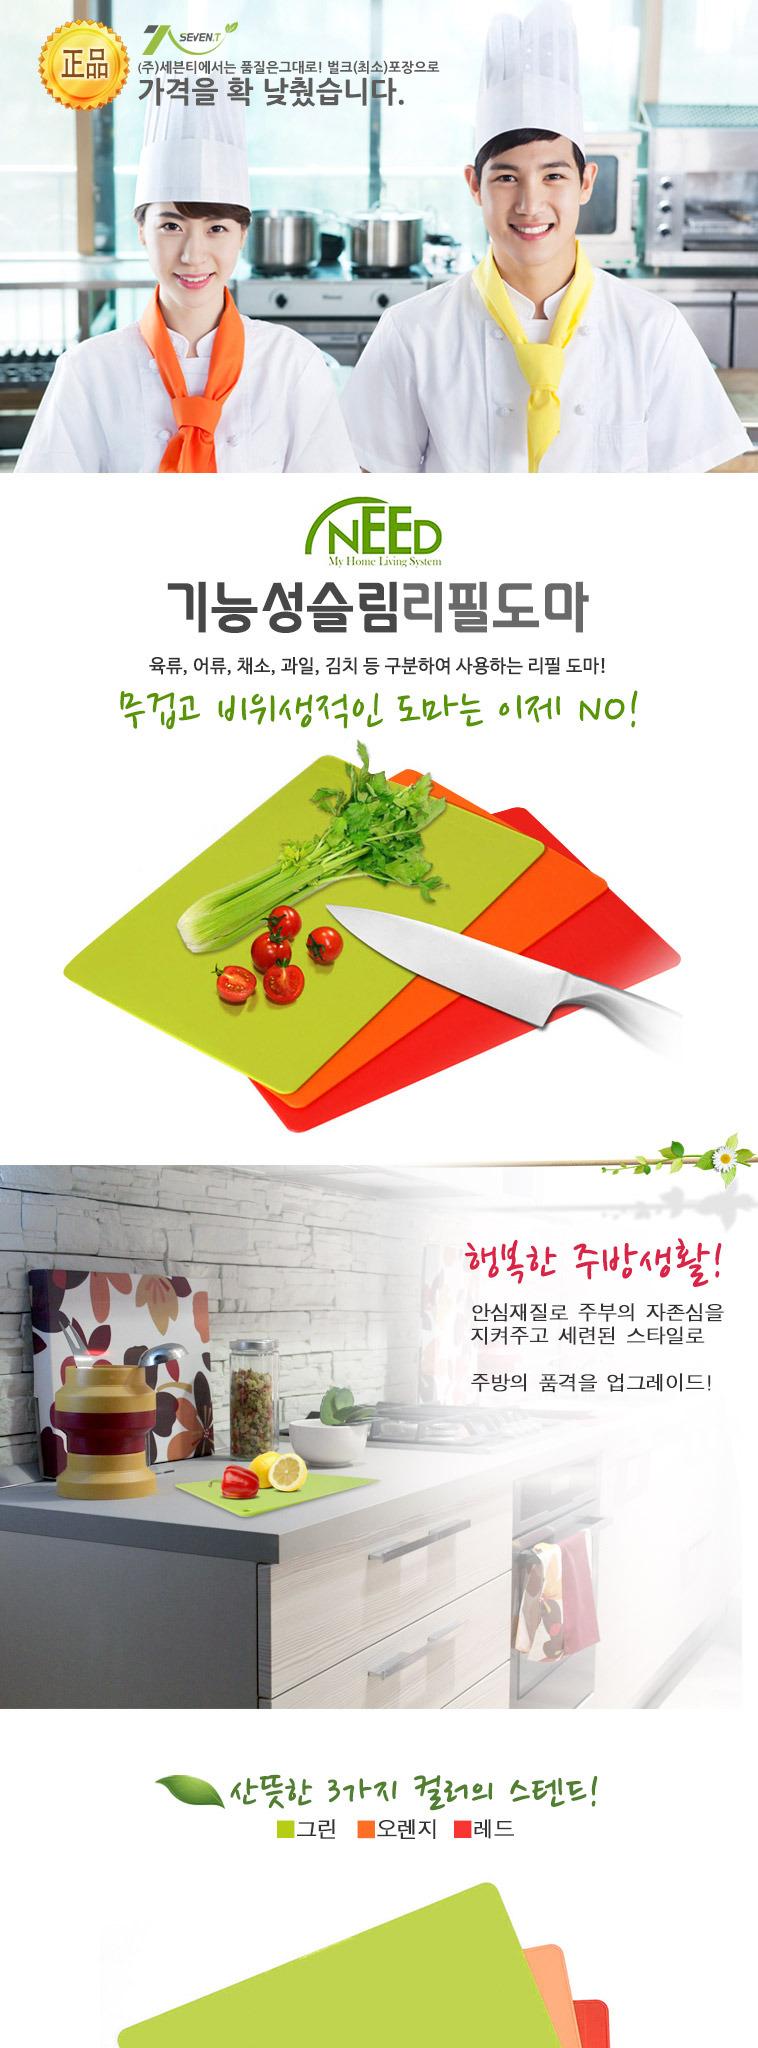 [명예의전당] 밥팩24개! 外 주방용품 - 상세정보